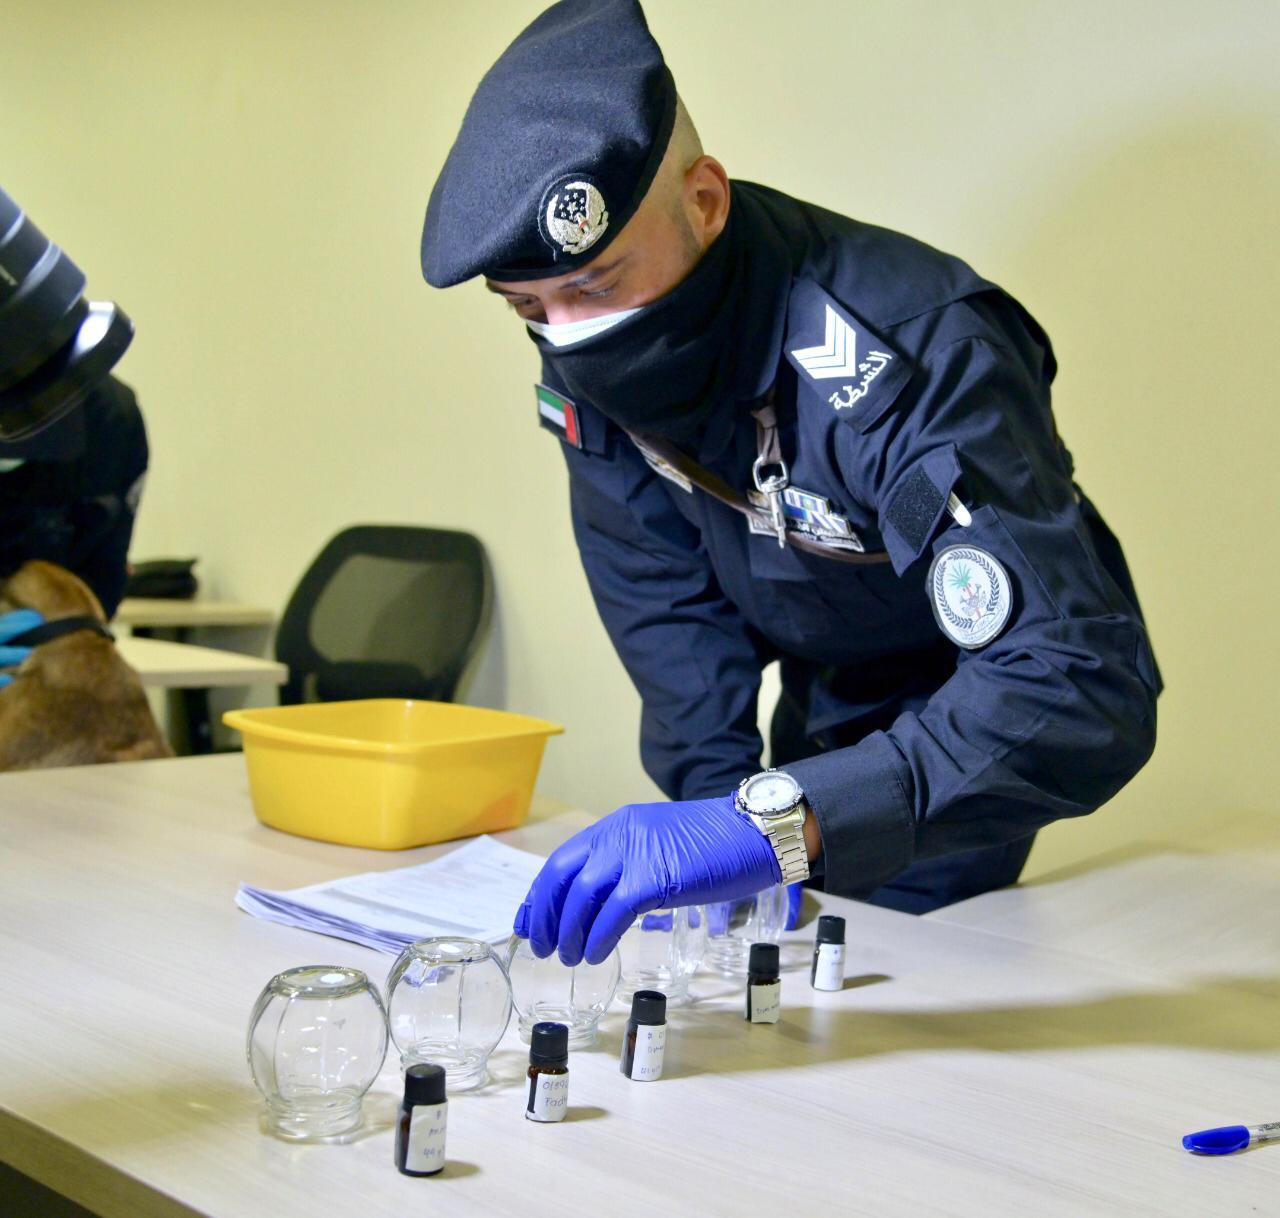 الإمارات الأولى عالميا في تطبيق الكشف عن كوفيد 19 بالكلاب البوليسية